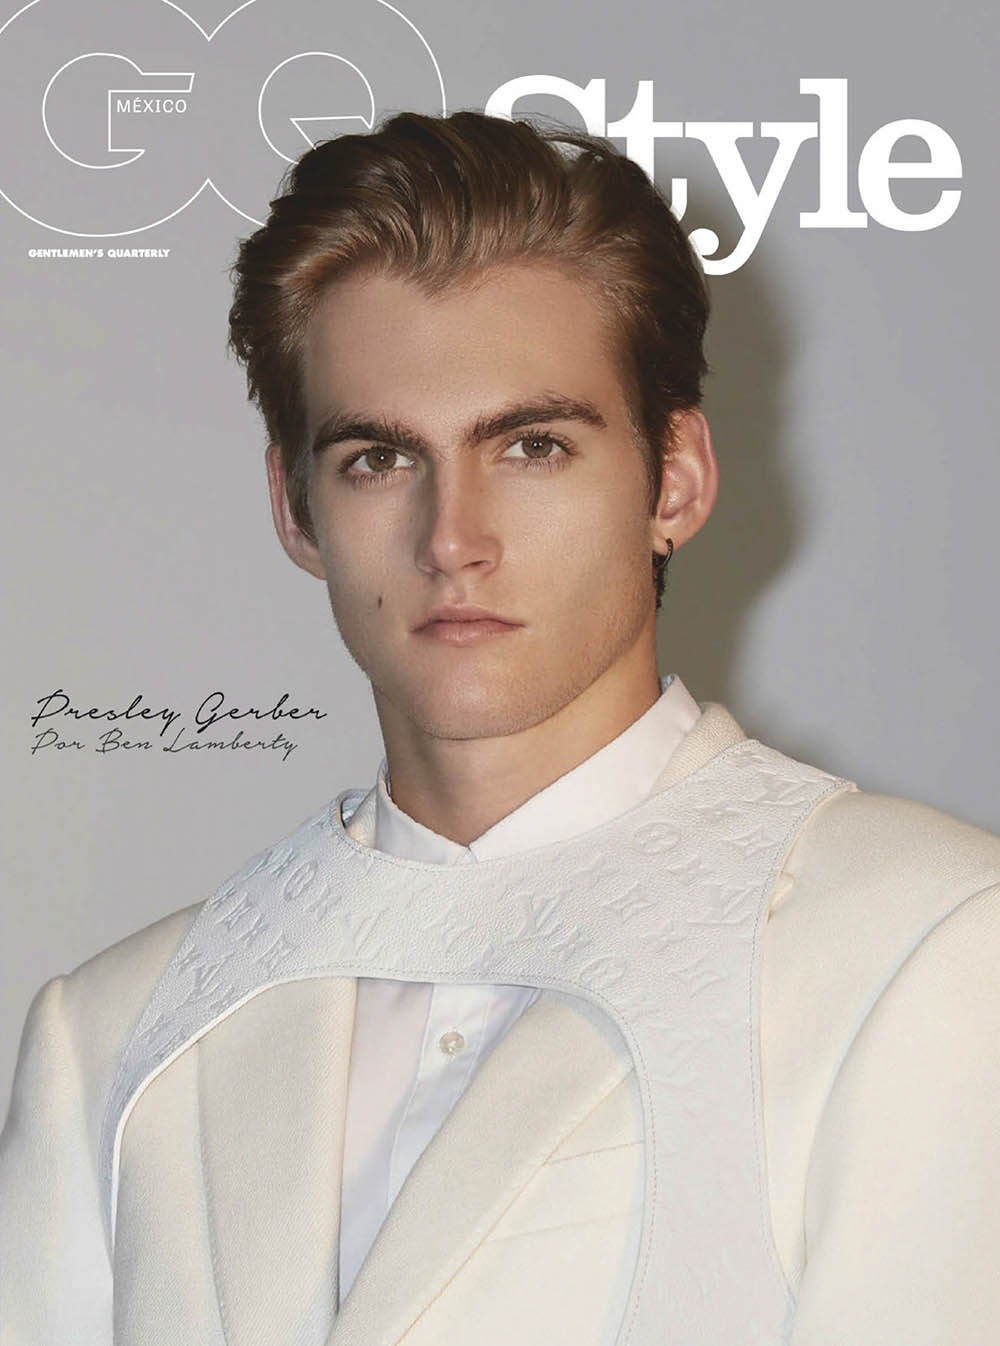 Dàn quý tử nổi tiếng nhà sao Hollywood: Cậu cả Beckham bị dàn trai đẹp cực phẩm đè bẹp, con nhà Will Smith gây choáng - Ảnh 17.